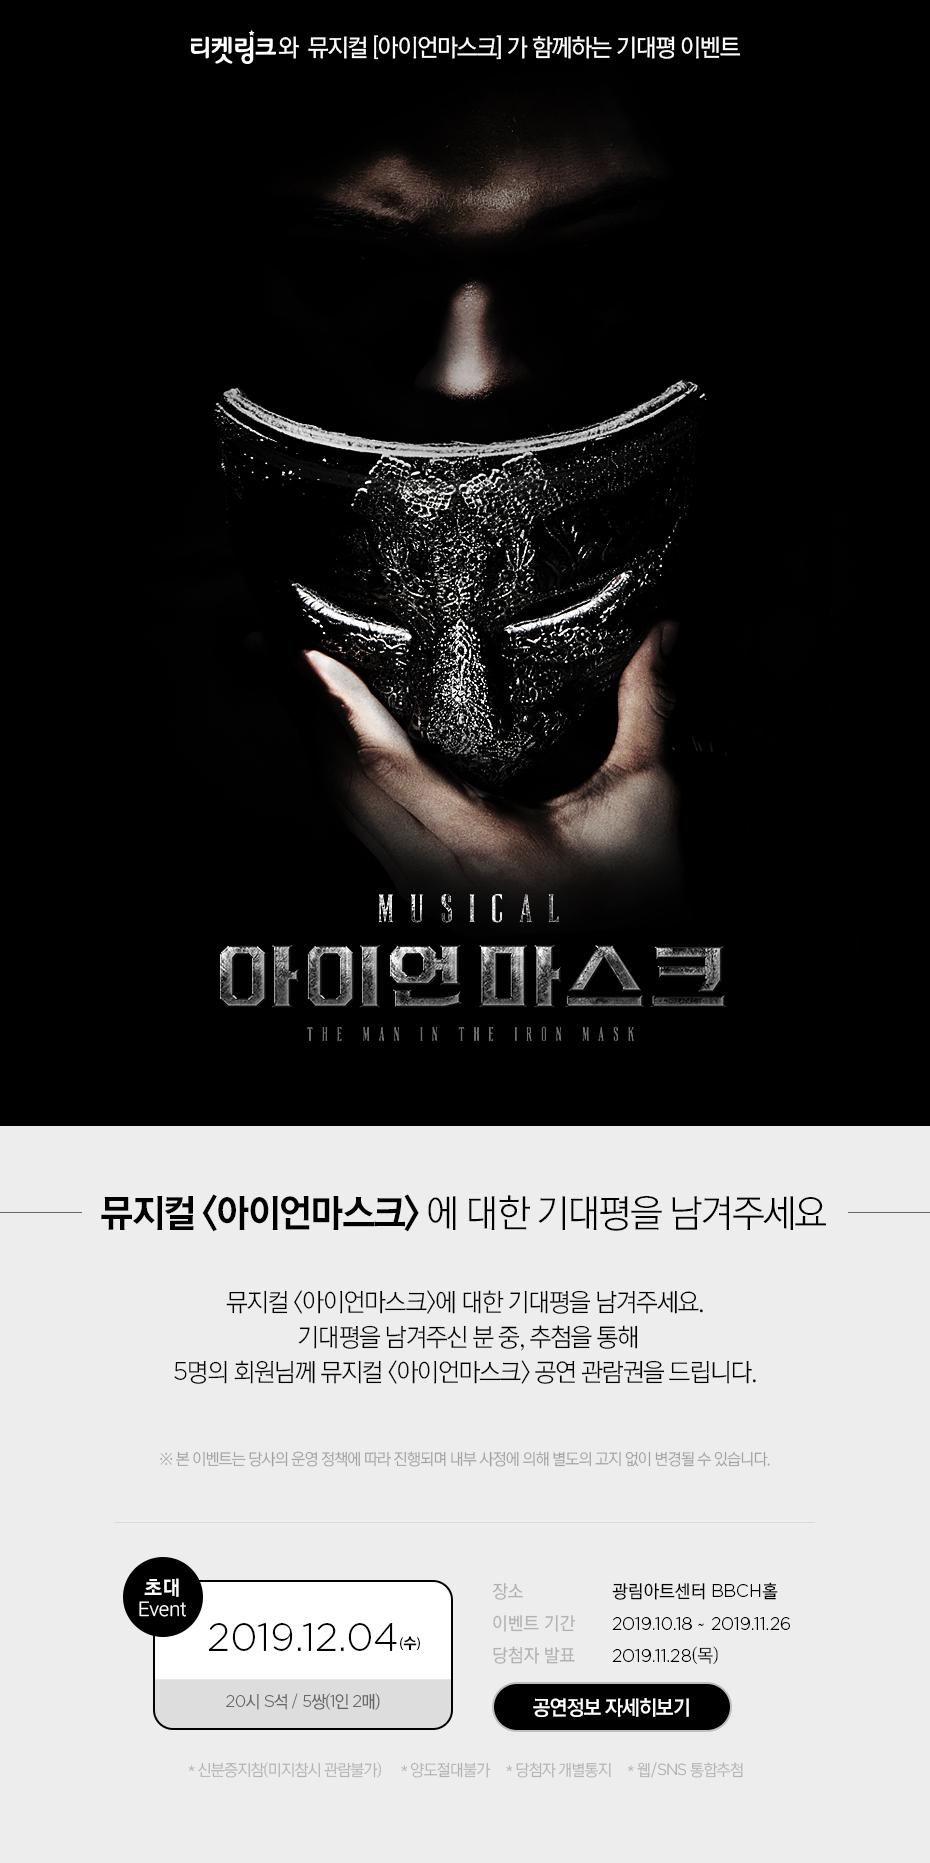 뮤지컬 <아이언마스크> 기대평이벤트